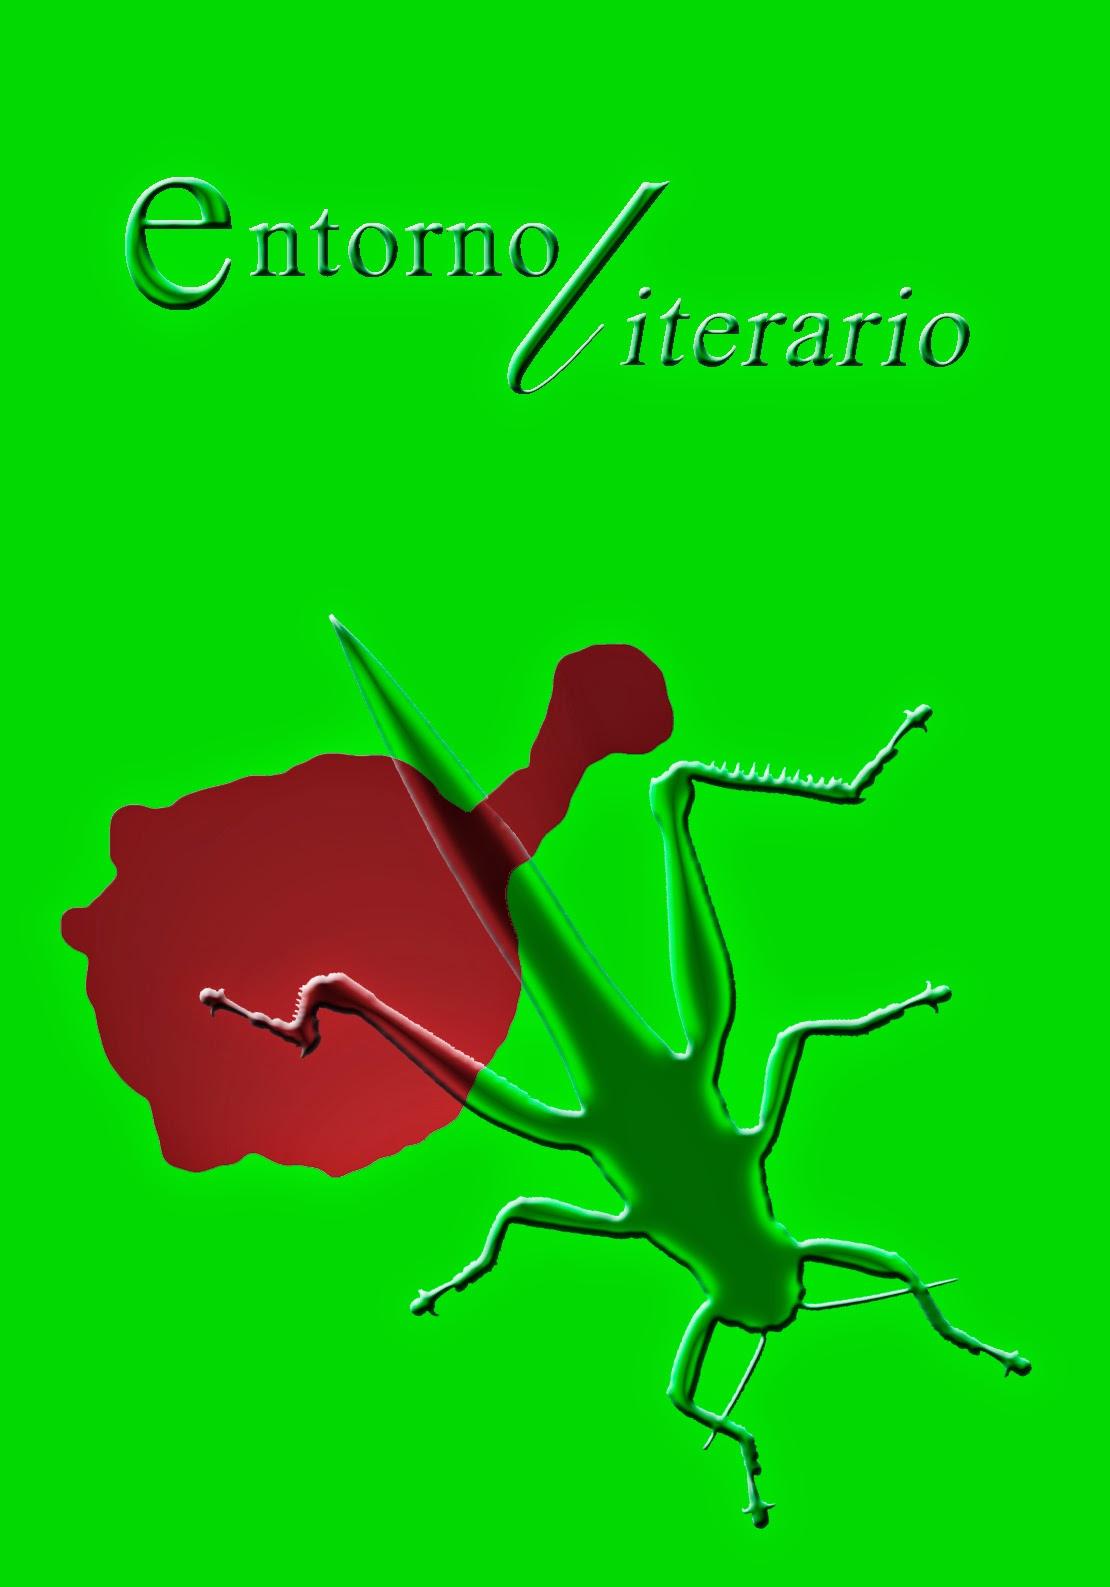 Entorno literario, nueva revista de letras, Ancile